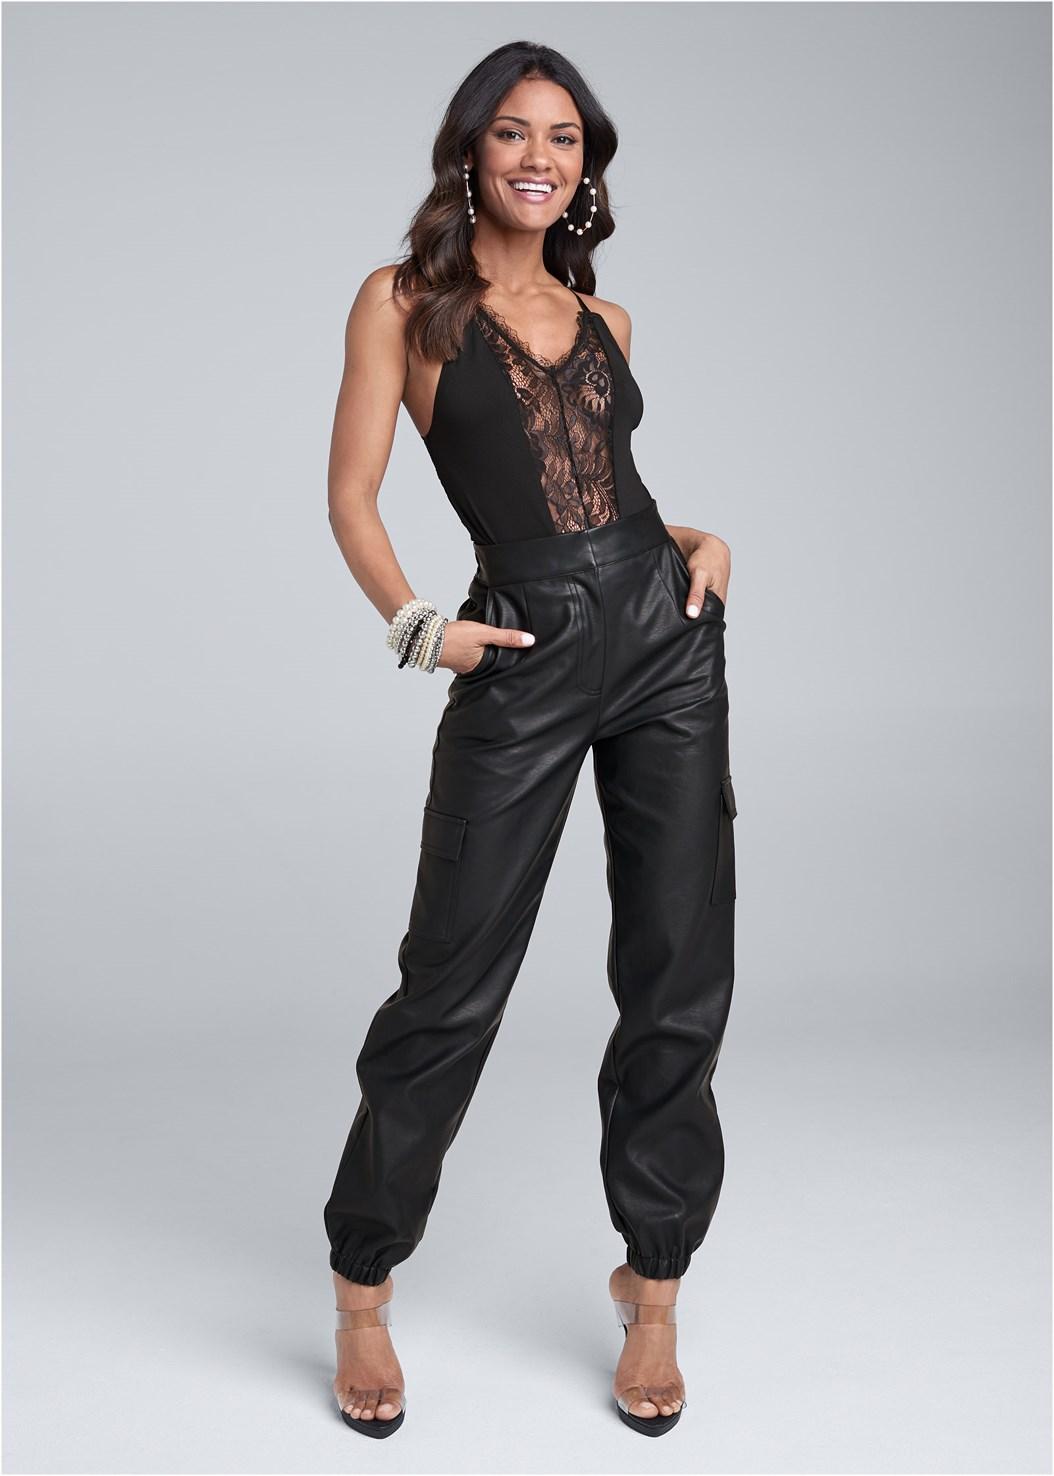 Faux Leather Jogger Pants,Lace Detail Tank,Lace Cami,Lucite Strap Heels